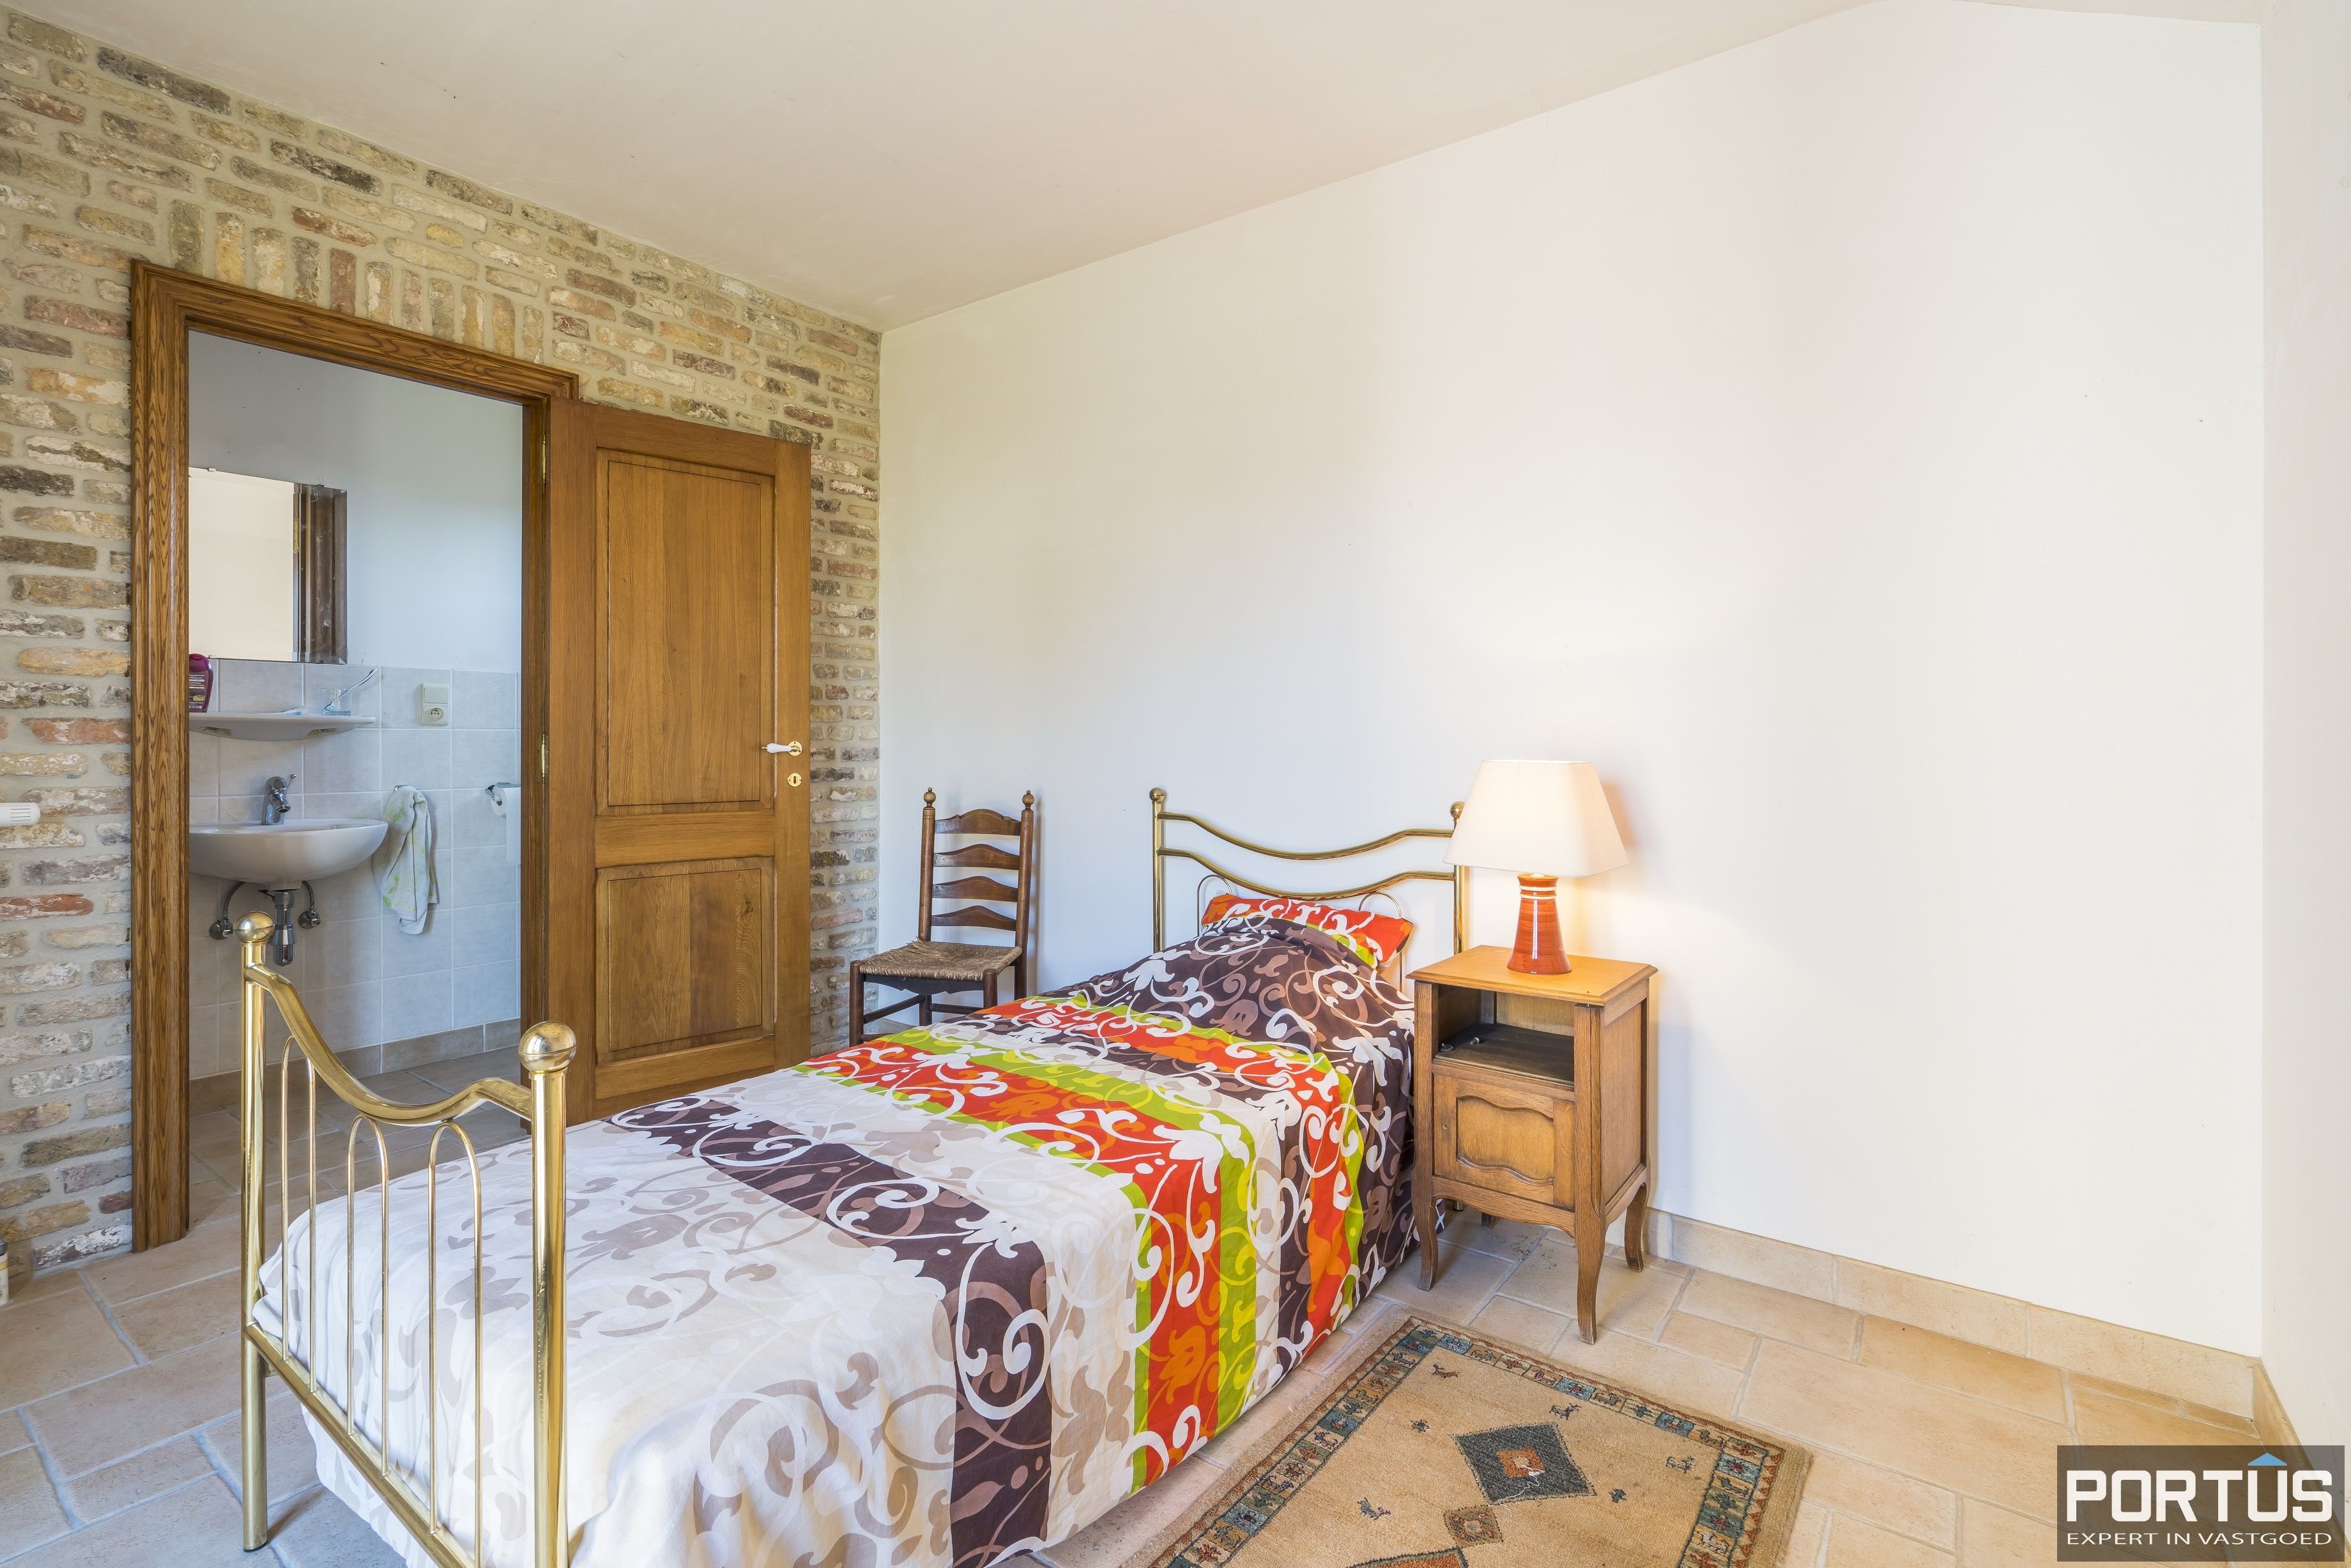 Woning te koop met 4 slaapkamers te Oostduinkerke - 13746